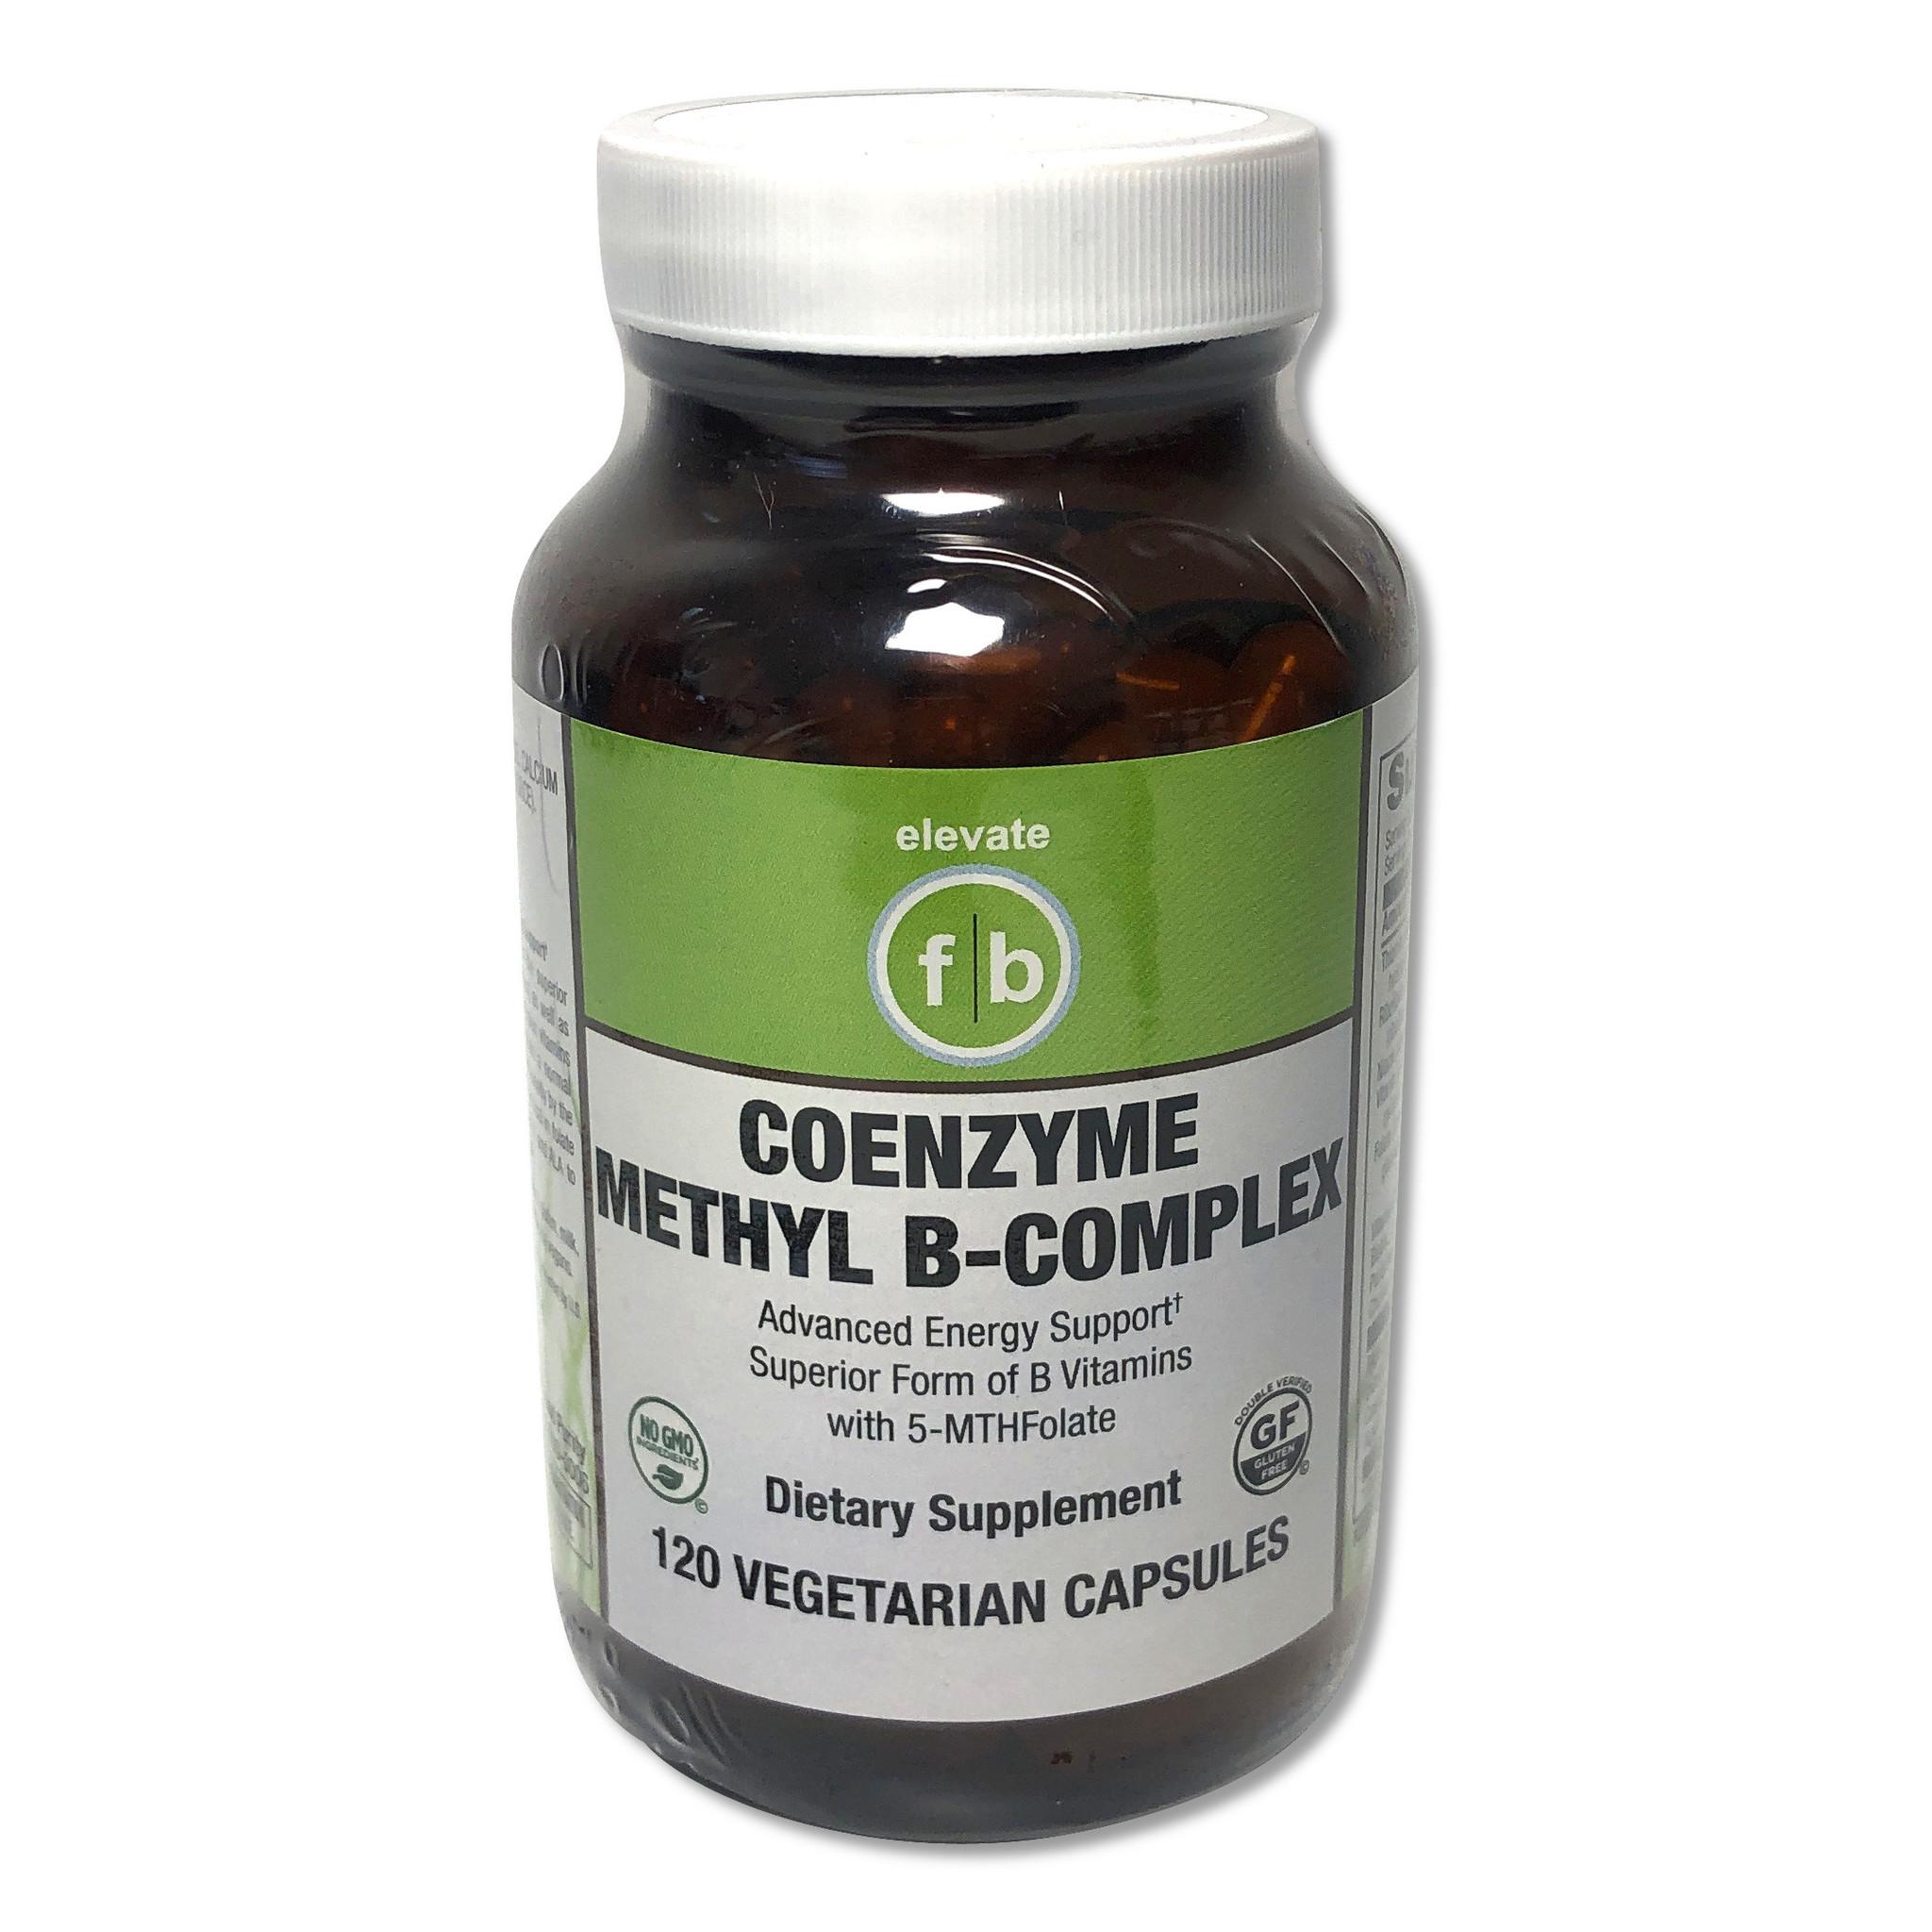 Coenzyme Methyl B-Complex-1